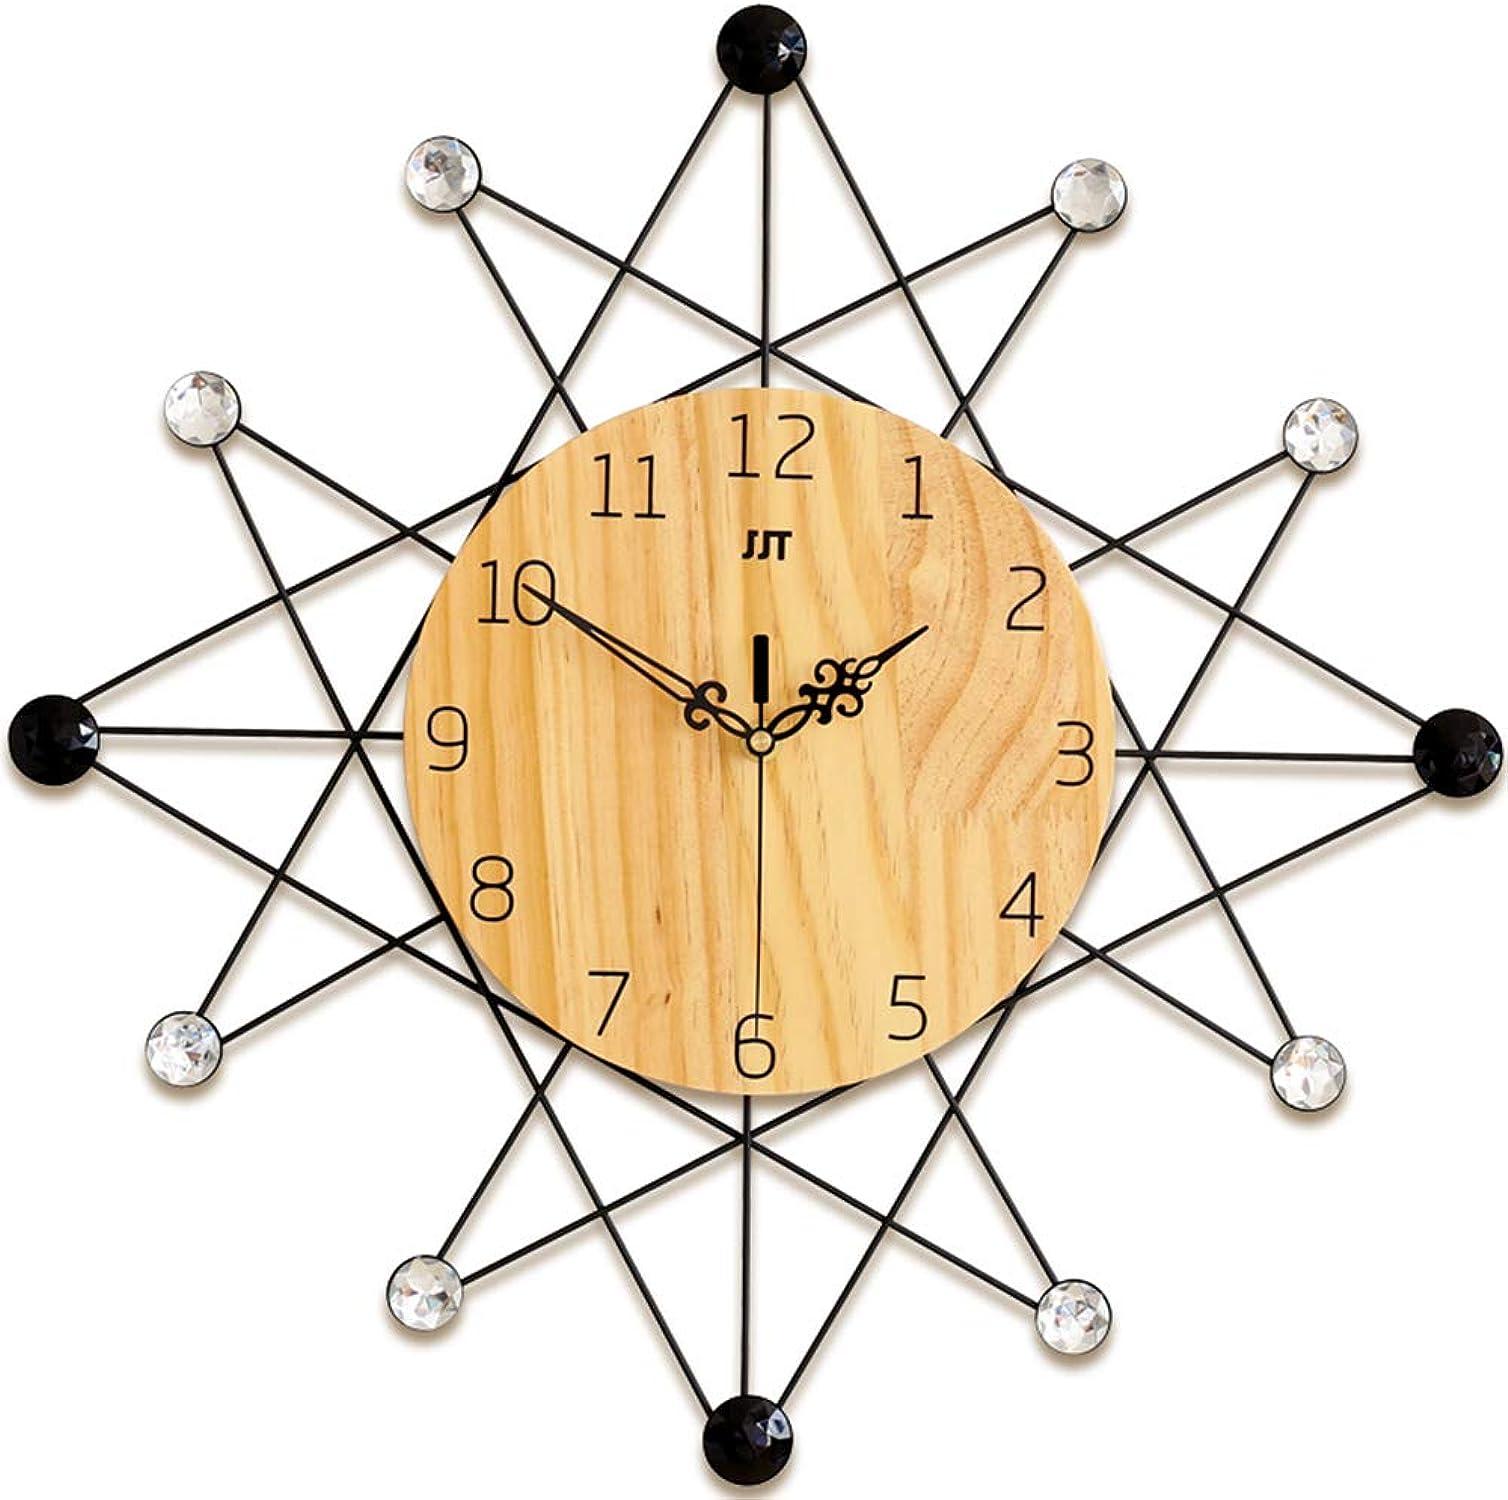 estar en gran demanda LFA El Accesorio más cálido Reloj Europeo Europeo Europeo Reloj de Parojo Mute Personalidad Creativa Reloj de Parojo Moderno y Moderno Salón Hogar Reloj de Parojo Decoración,01-S  tienda de ventas outlet